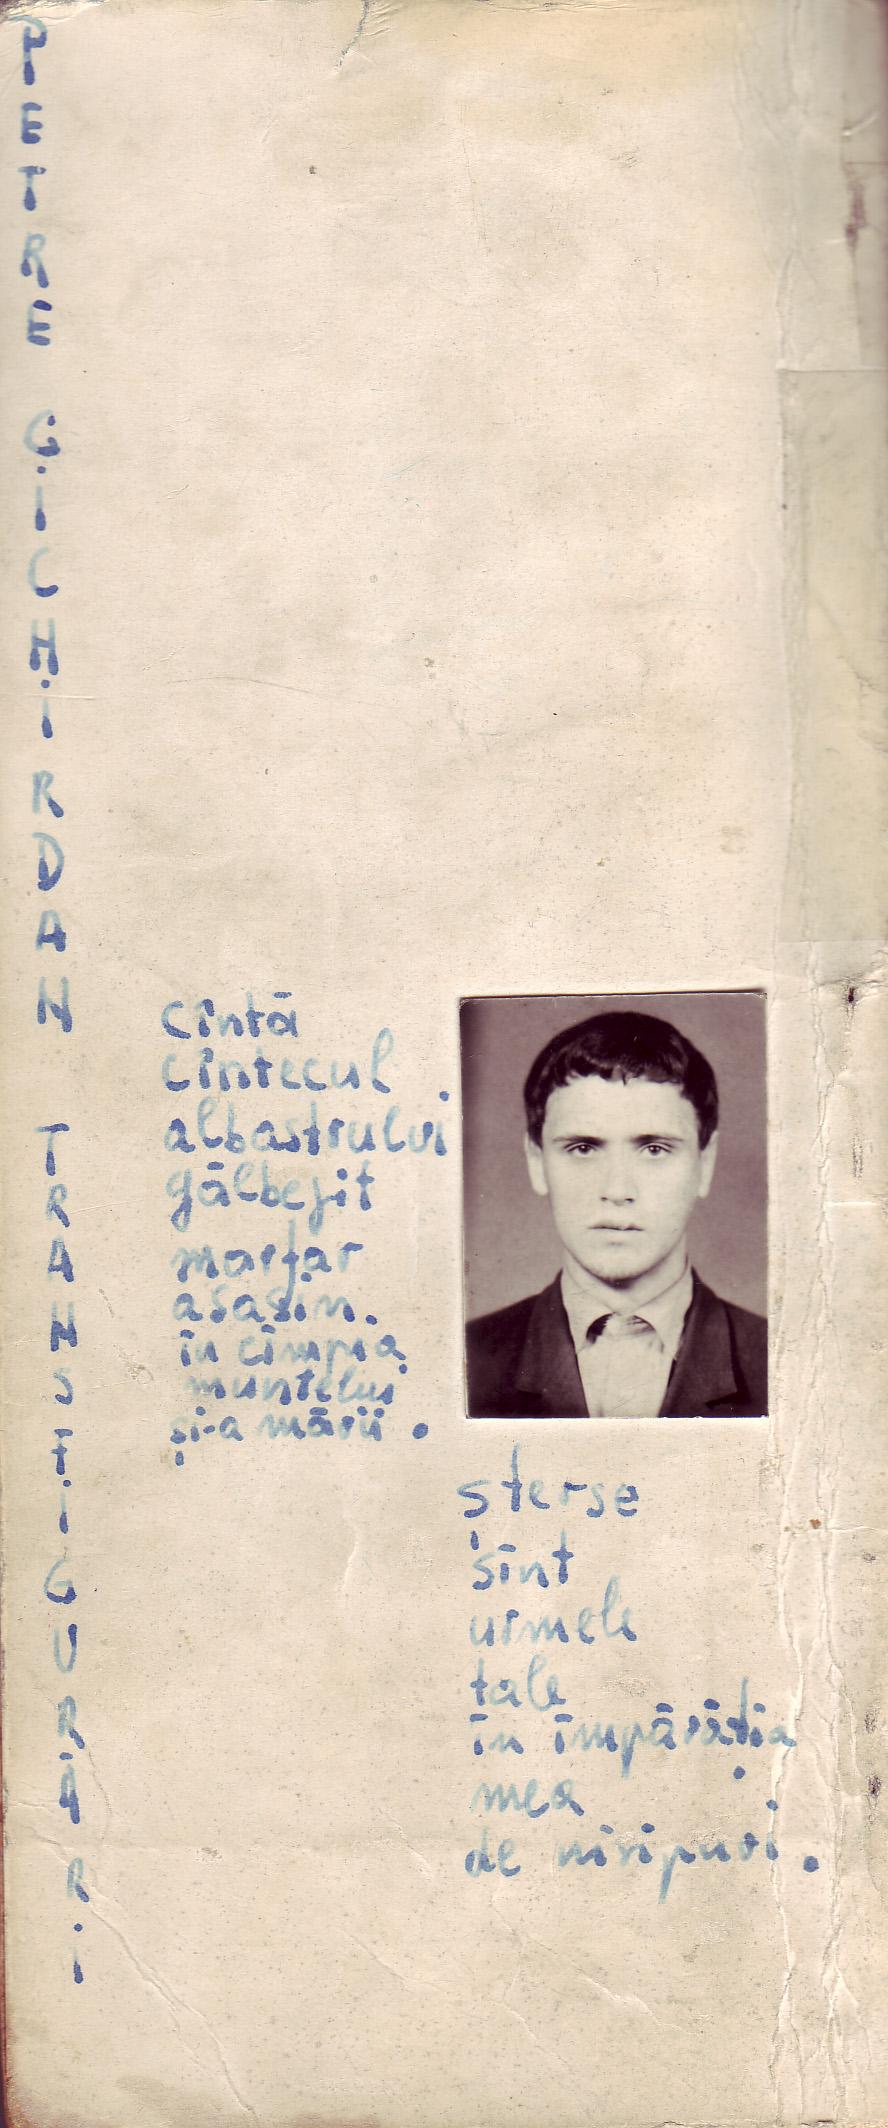 Transfigurări, Ed. Sus Arta, 1968, coperta 2, colecţia C. Poenaru